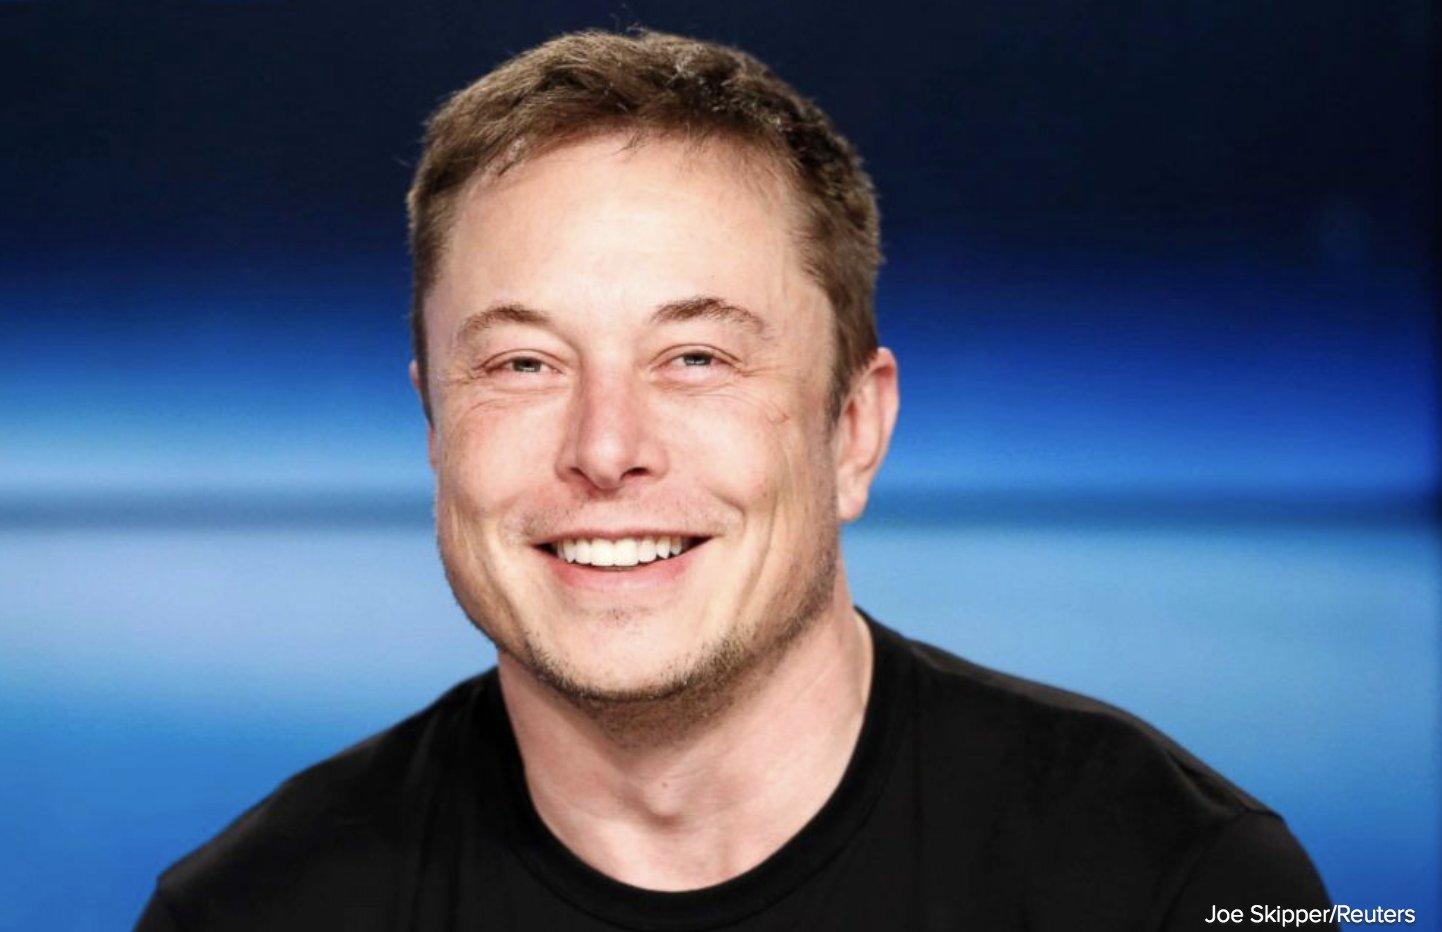 Fresh off Falcon Heavy, Elon Musk to launch broadband test satellites https://t.co/SdtYKjTZD2 https://t.co/bSm6eaLzpj